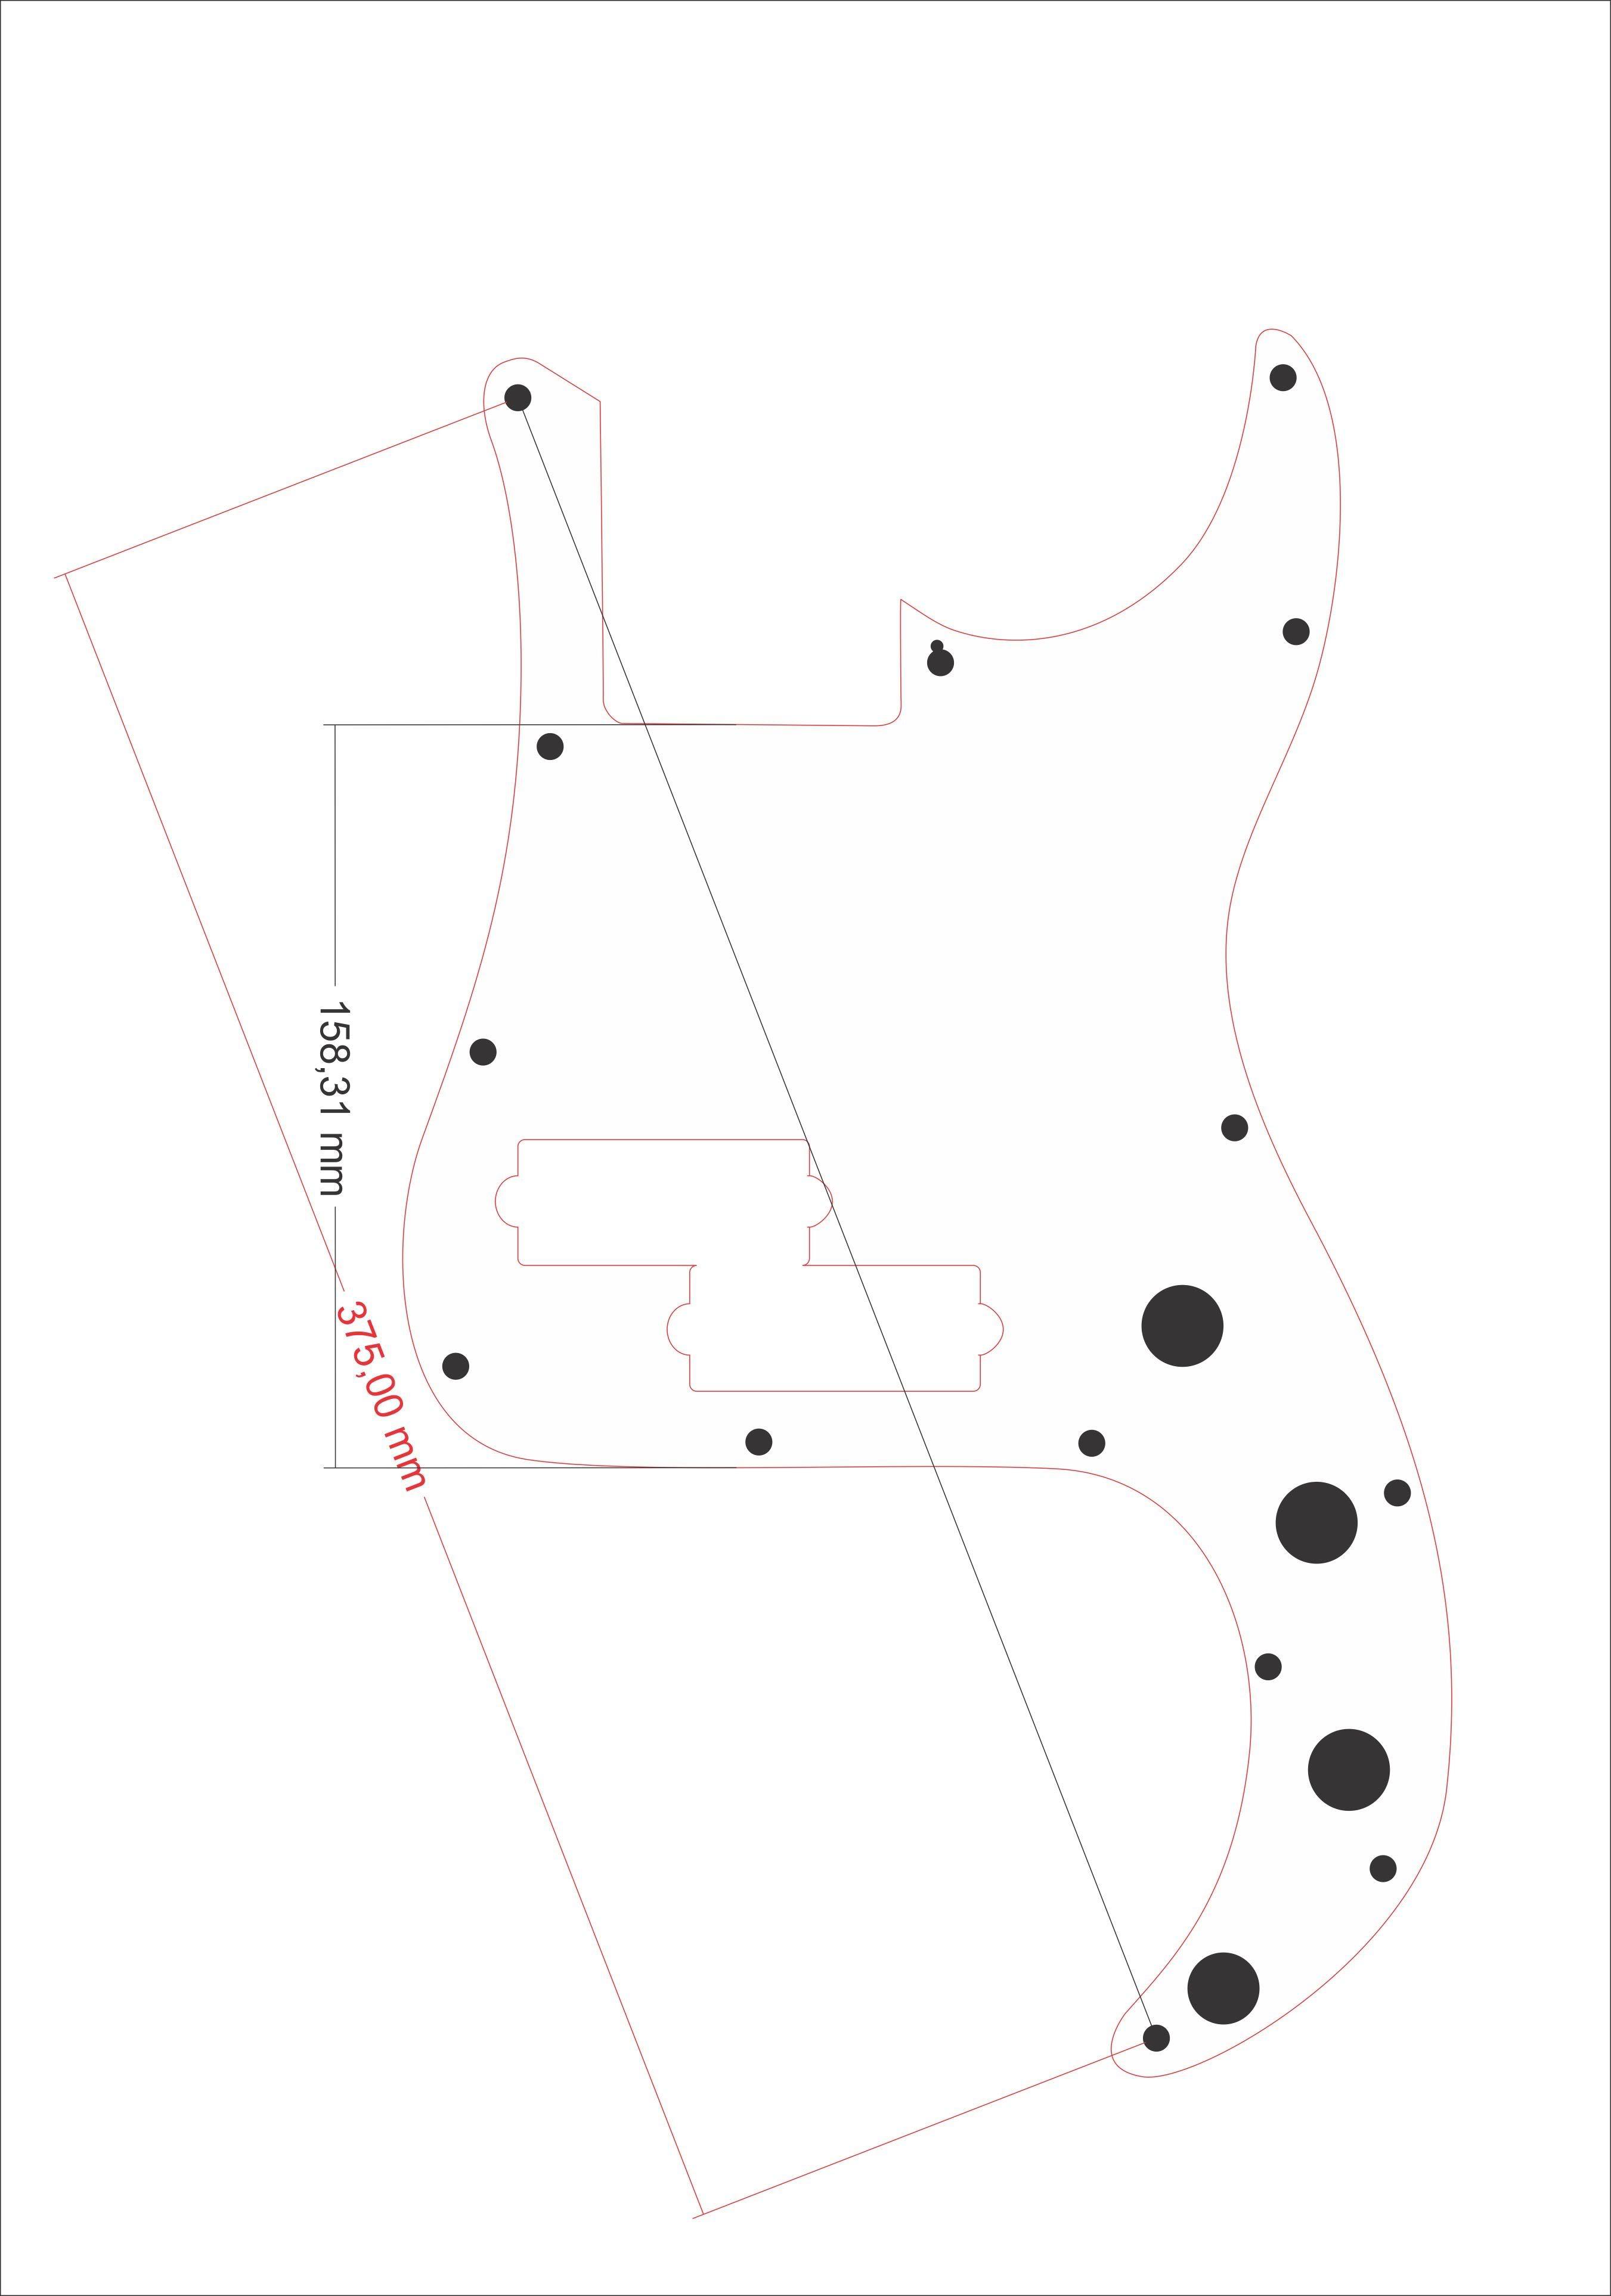 Template - Precision - Strinberg Cab16 Template_bass_precisionX3